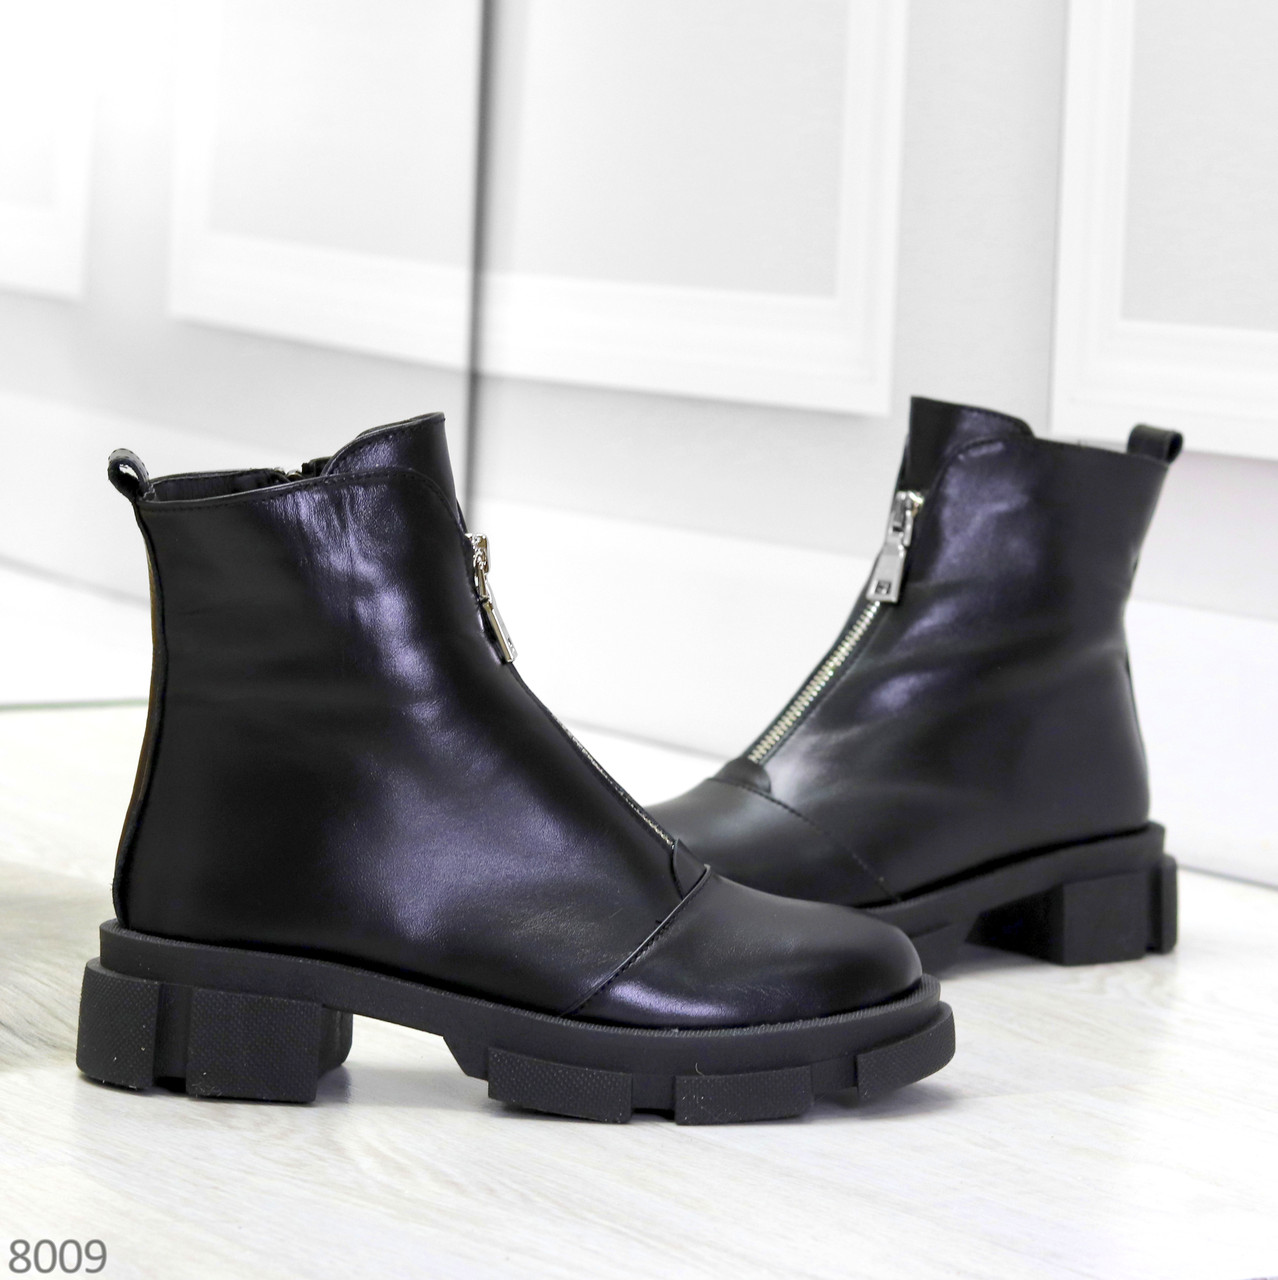 Мега удобные теплые черные женские ботинки натуральная кожа